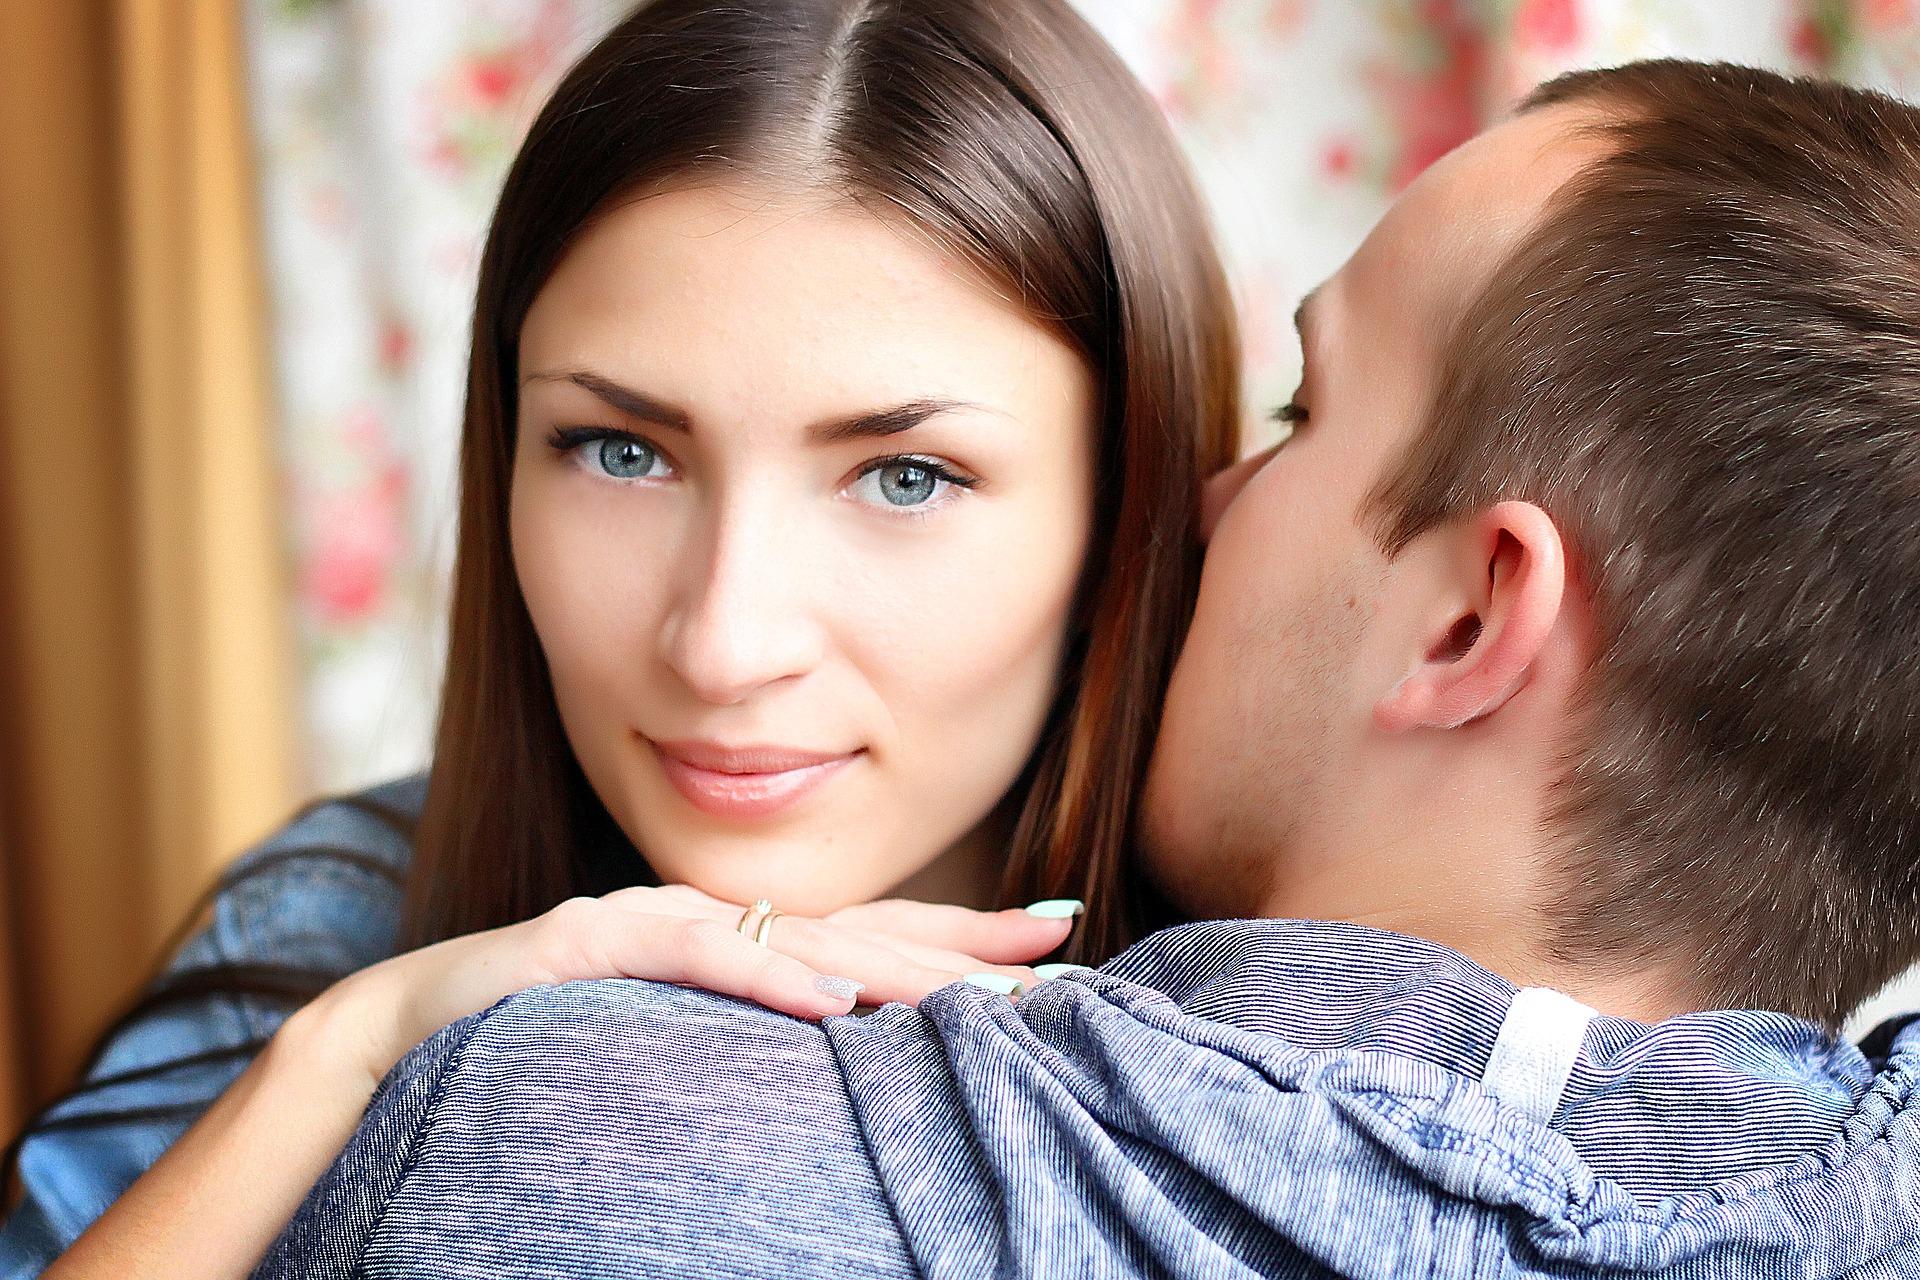 不倫のきっかけはどこにあるの?既婚男性と既婚女性の不倫のきっかけの違いと出会いの場所